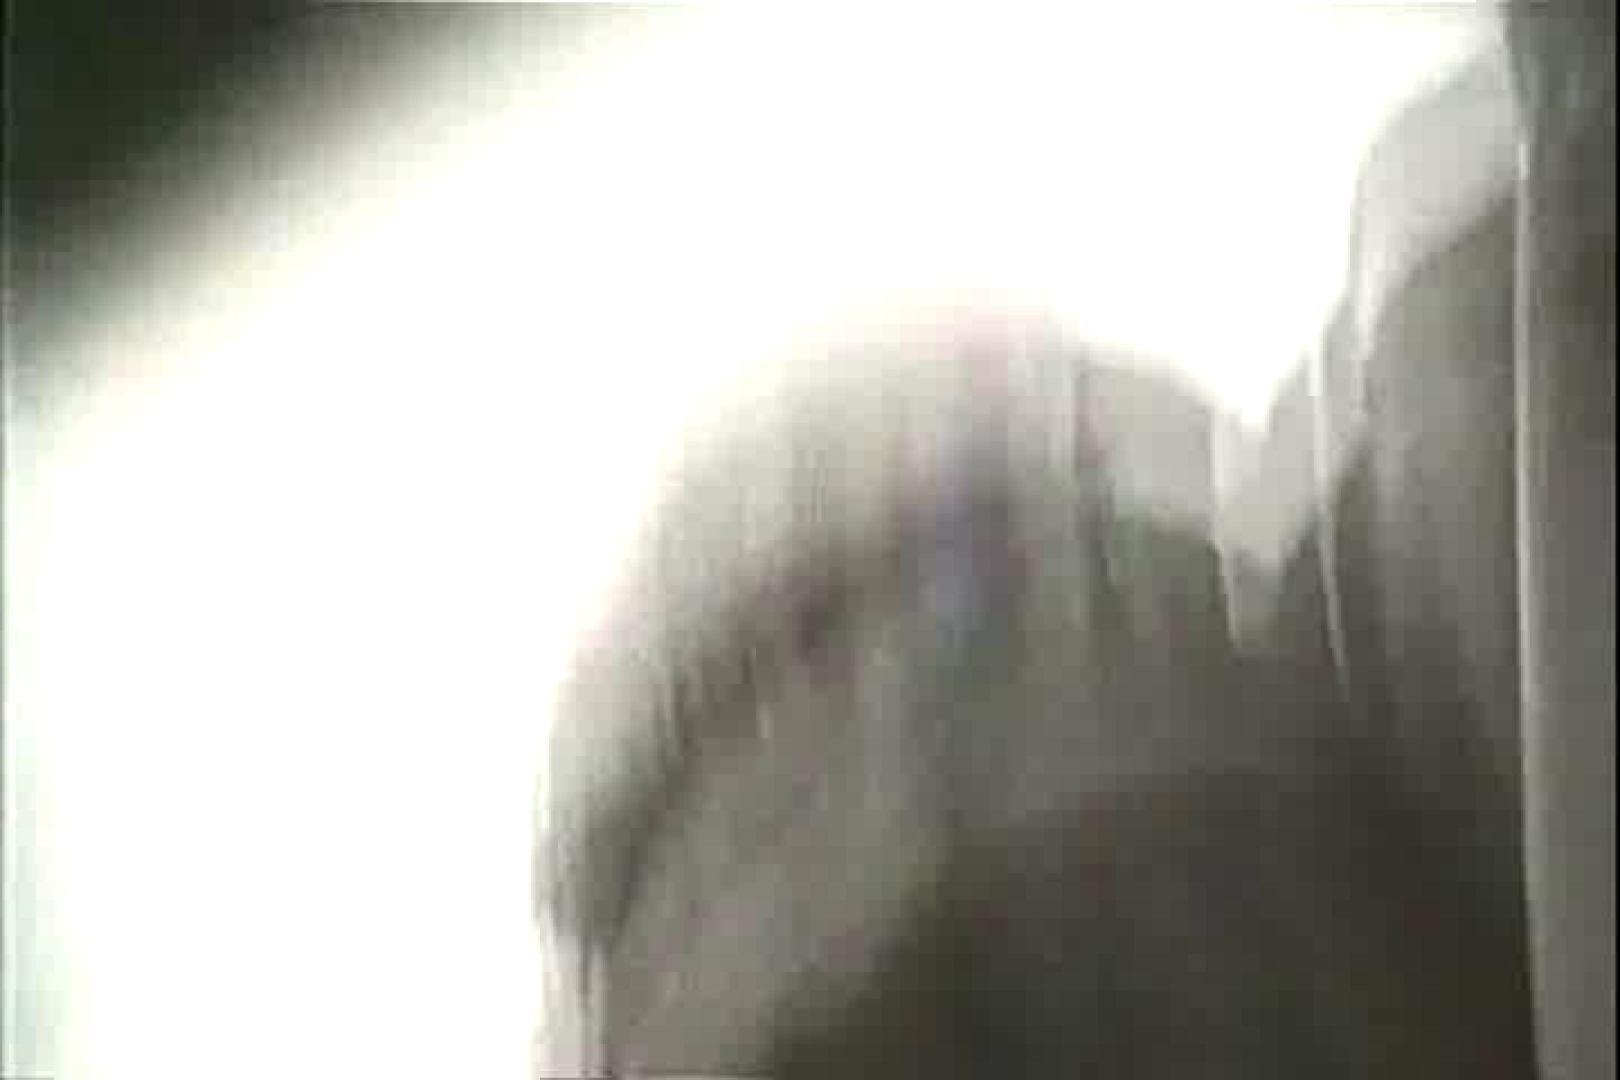 「ちくりん」さんのオリジナル未編集パンチラVol.3_02 パンチラ放出  46pic 15